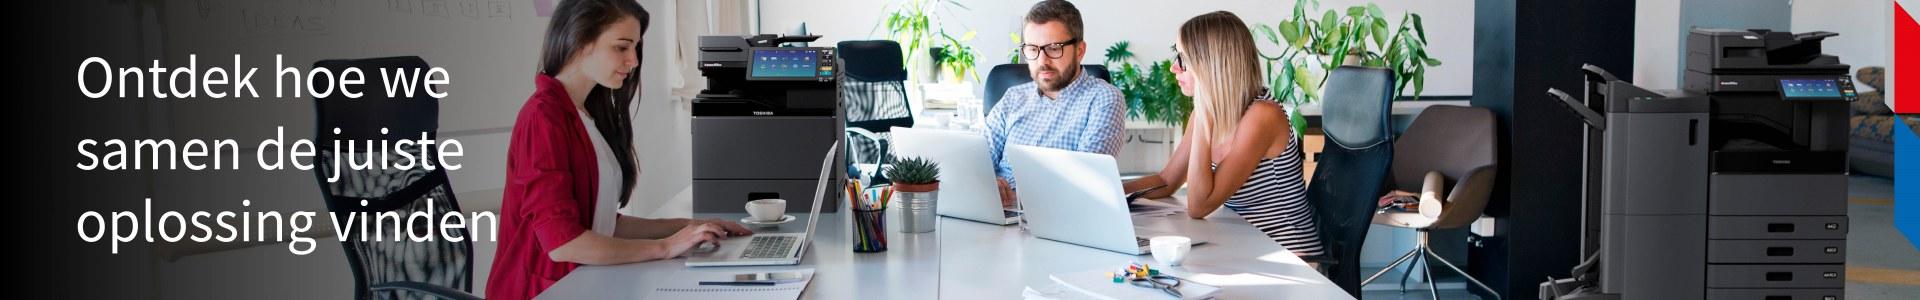 Business Services. Ontdek wat Toshiba kan doen voor je organisatie. Schaalbare oplossingen, product- en servicesupport op één plek